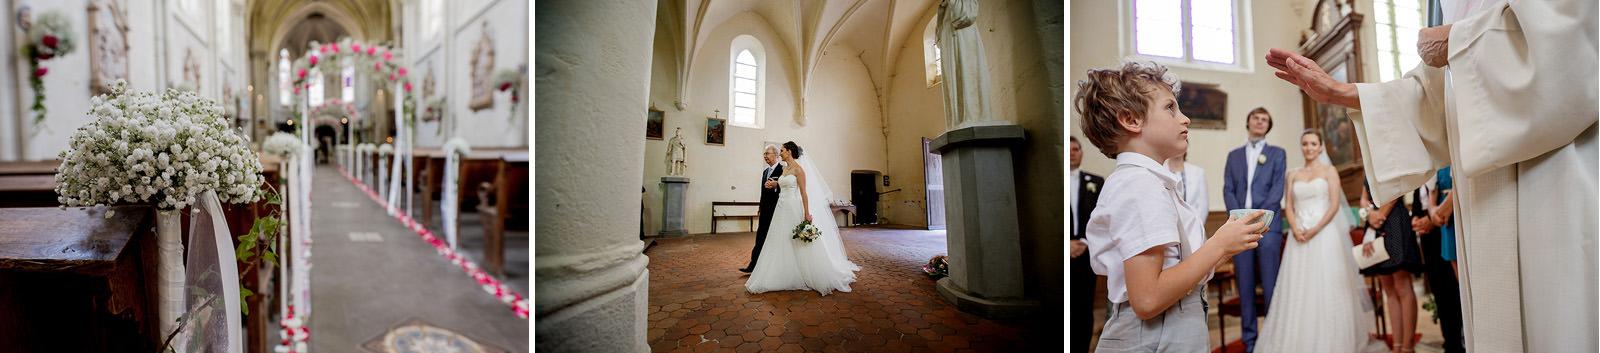 la décoration florale et son arche d'entrée dans l'église